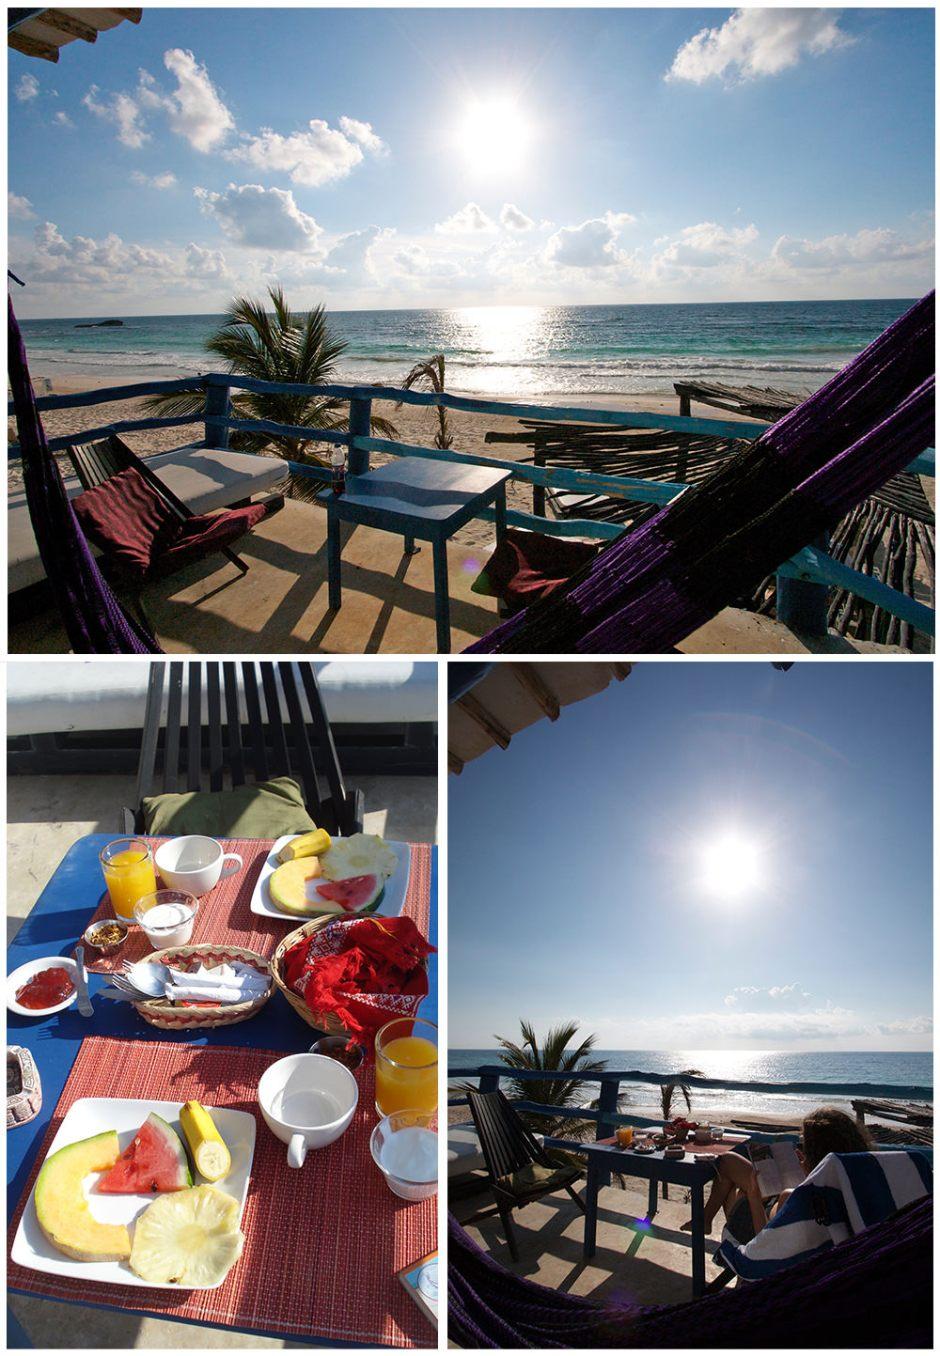 Petite déjeuner à l'hôtel Posada Lamar de Tulum au Mexique, Péninsule du Yucatan